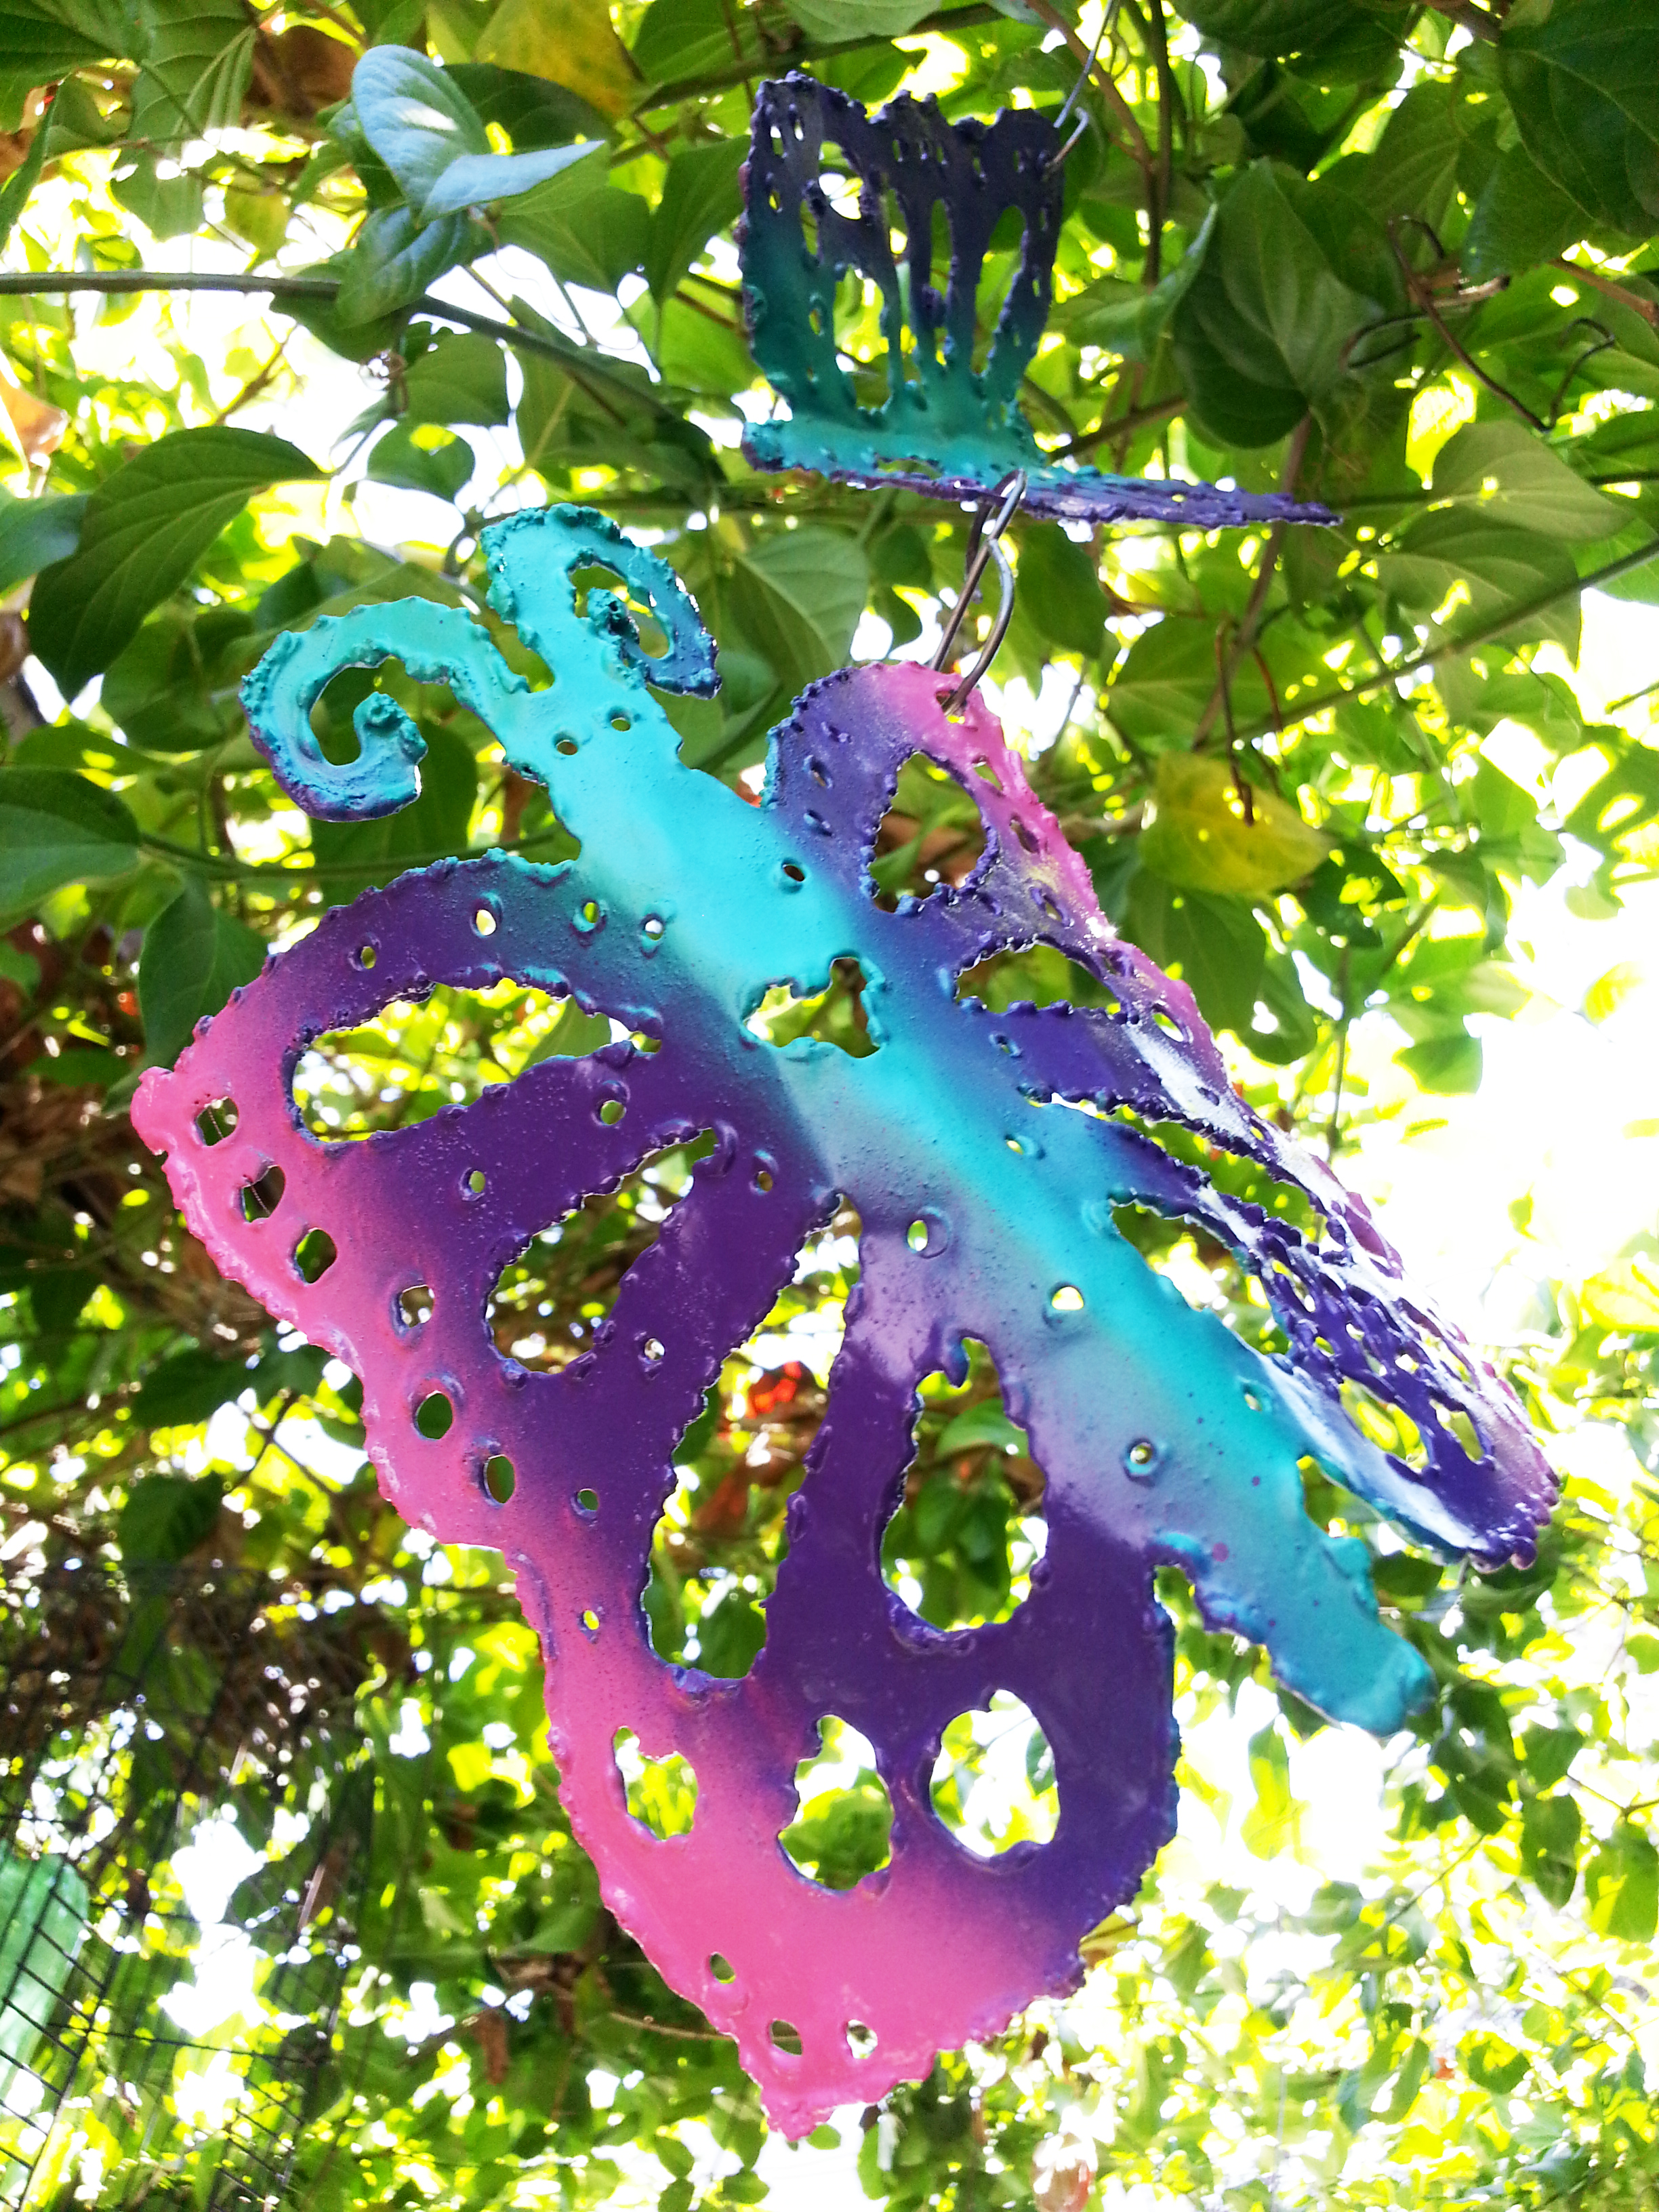 butterfly0001.jpg